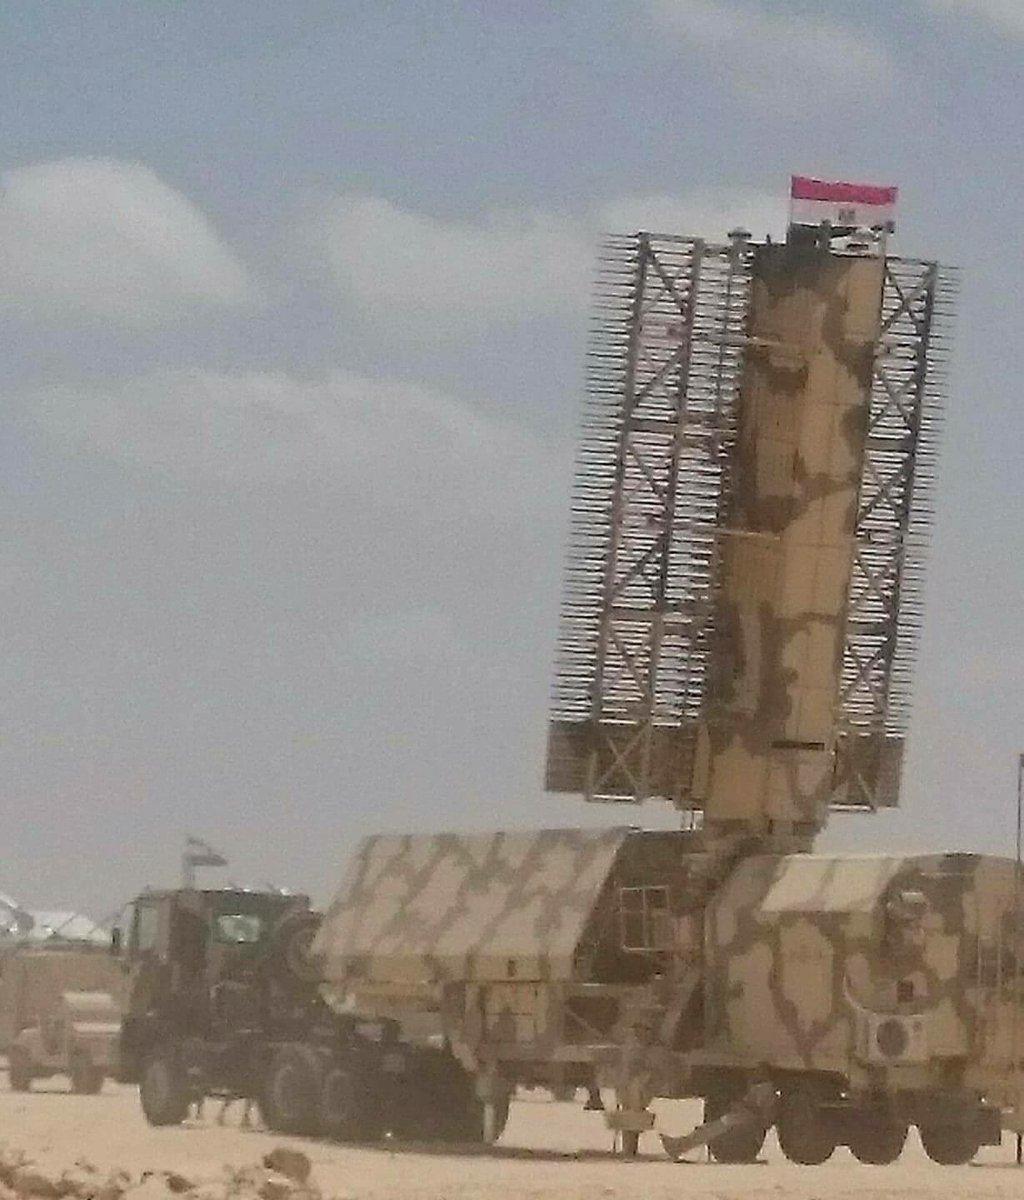 Новейшая российская РЛС 59Н6Е «Противник-ГЕ» в Египте